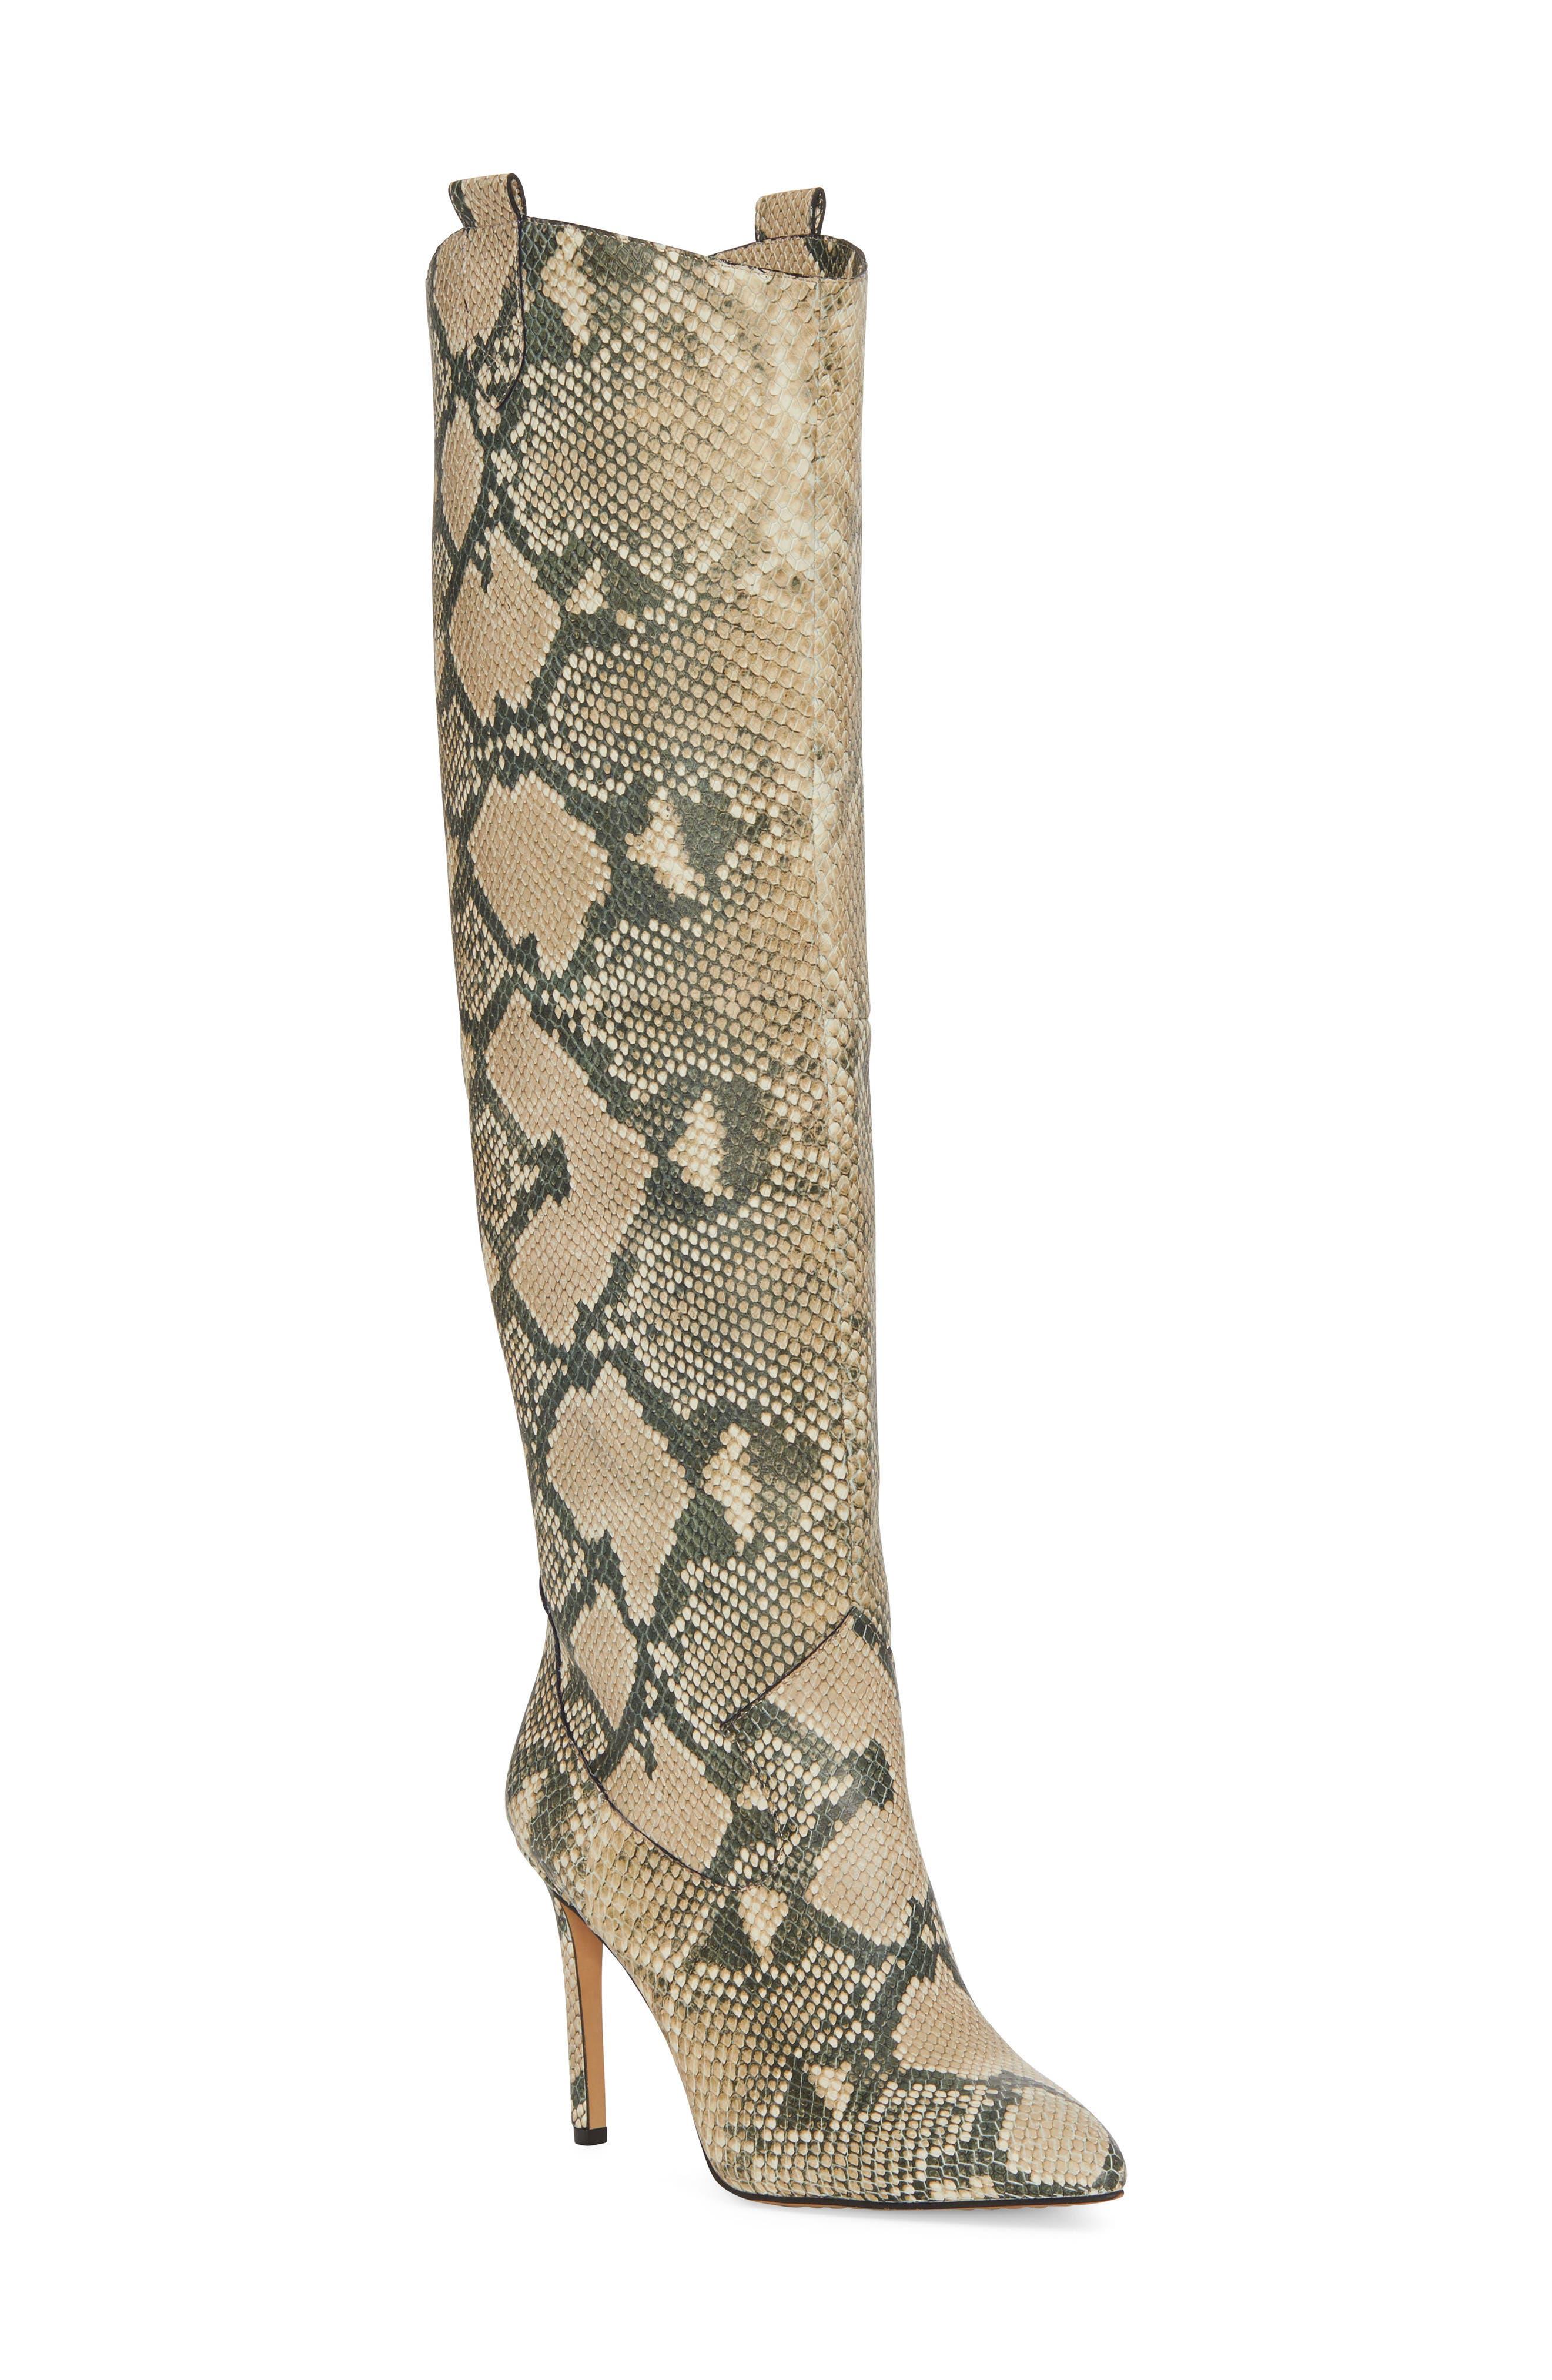 Vince Camuto Kervana Croc Embossed Knee High Boot (Women)